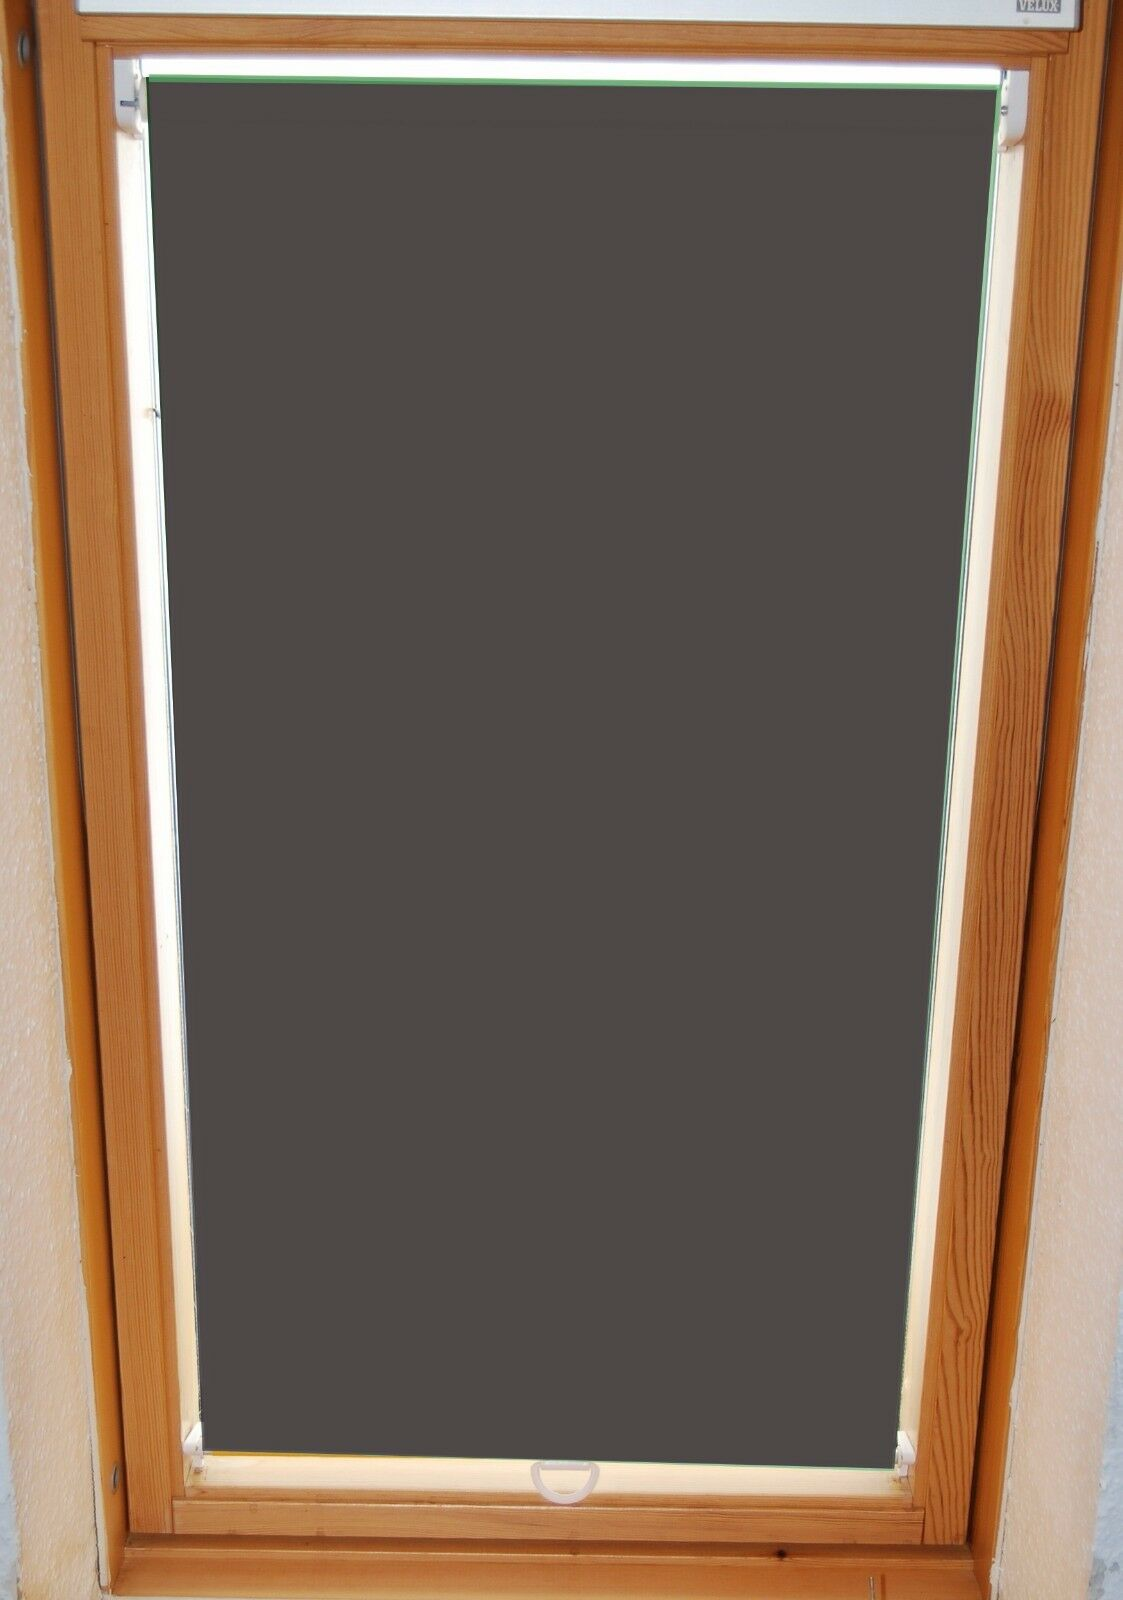 Full Size of Schräge Fenster Abdunkeln Veka Drutex Test Wärmeschutzfolie Reinigen Winkhaus Regal Für Dachschräge Rostock Velux Kaufen Rollos Rehau Zwangsbelüftung Fenster Schräge Fenster Abdunkeln